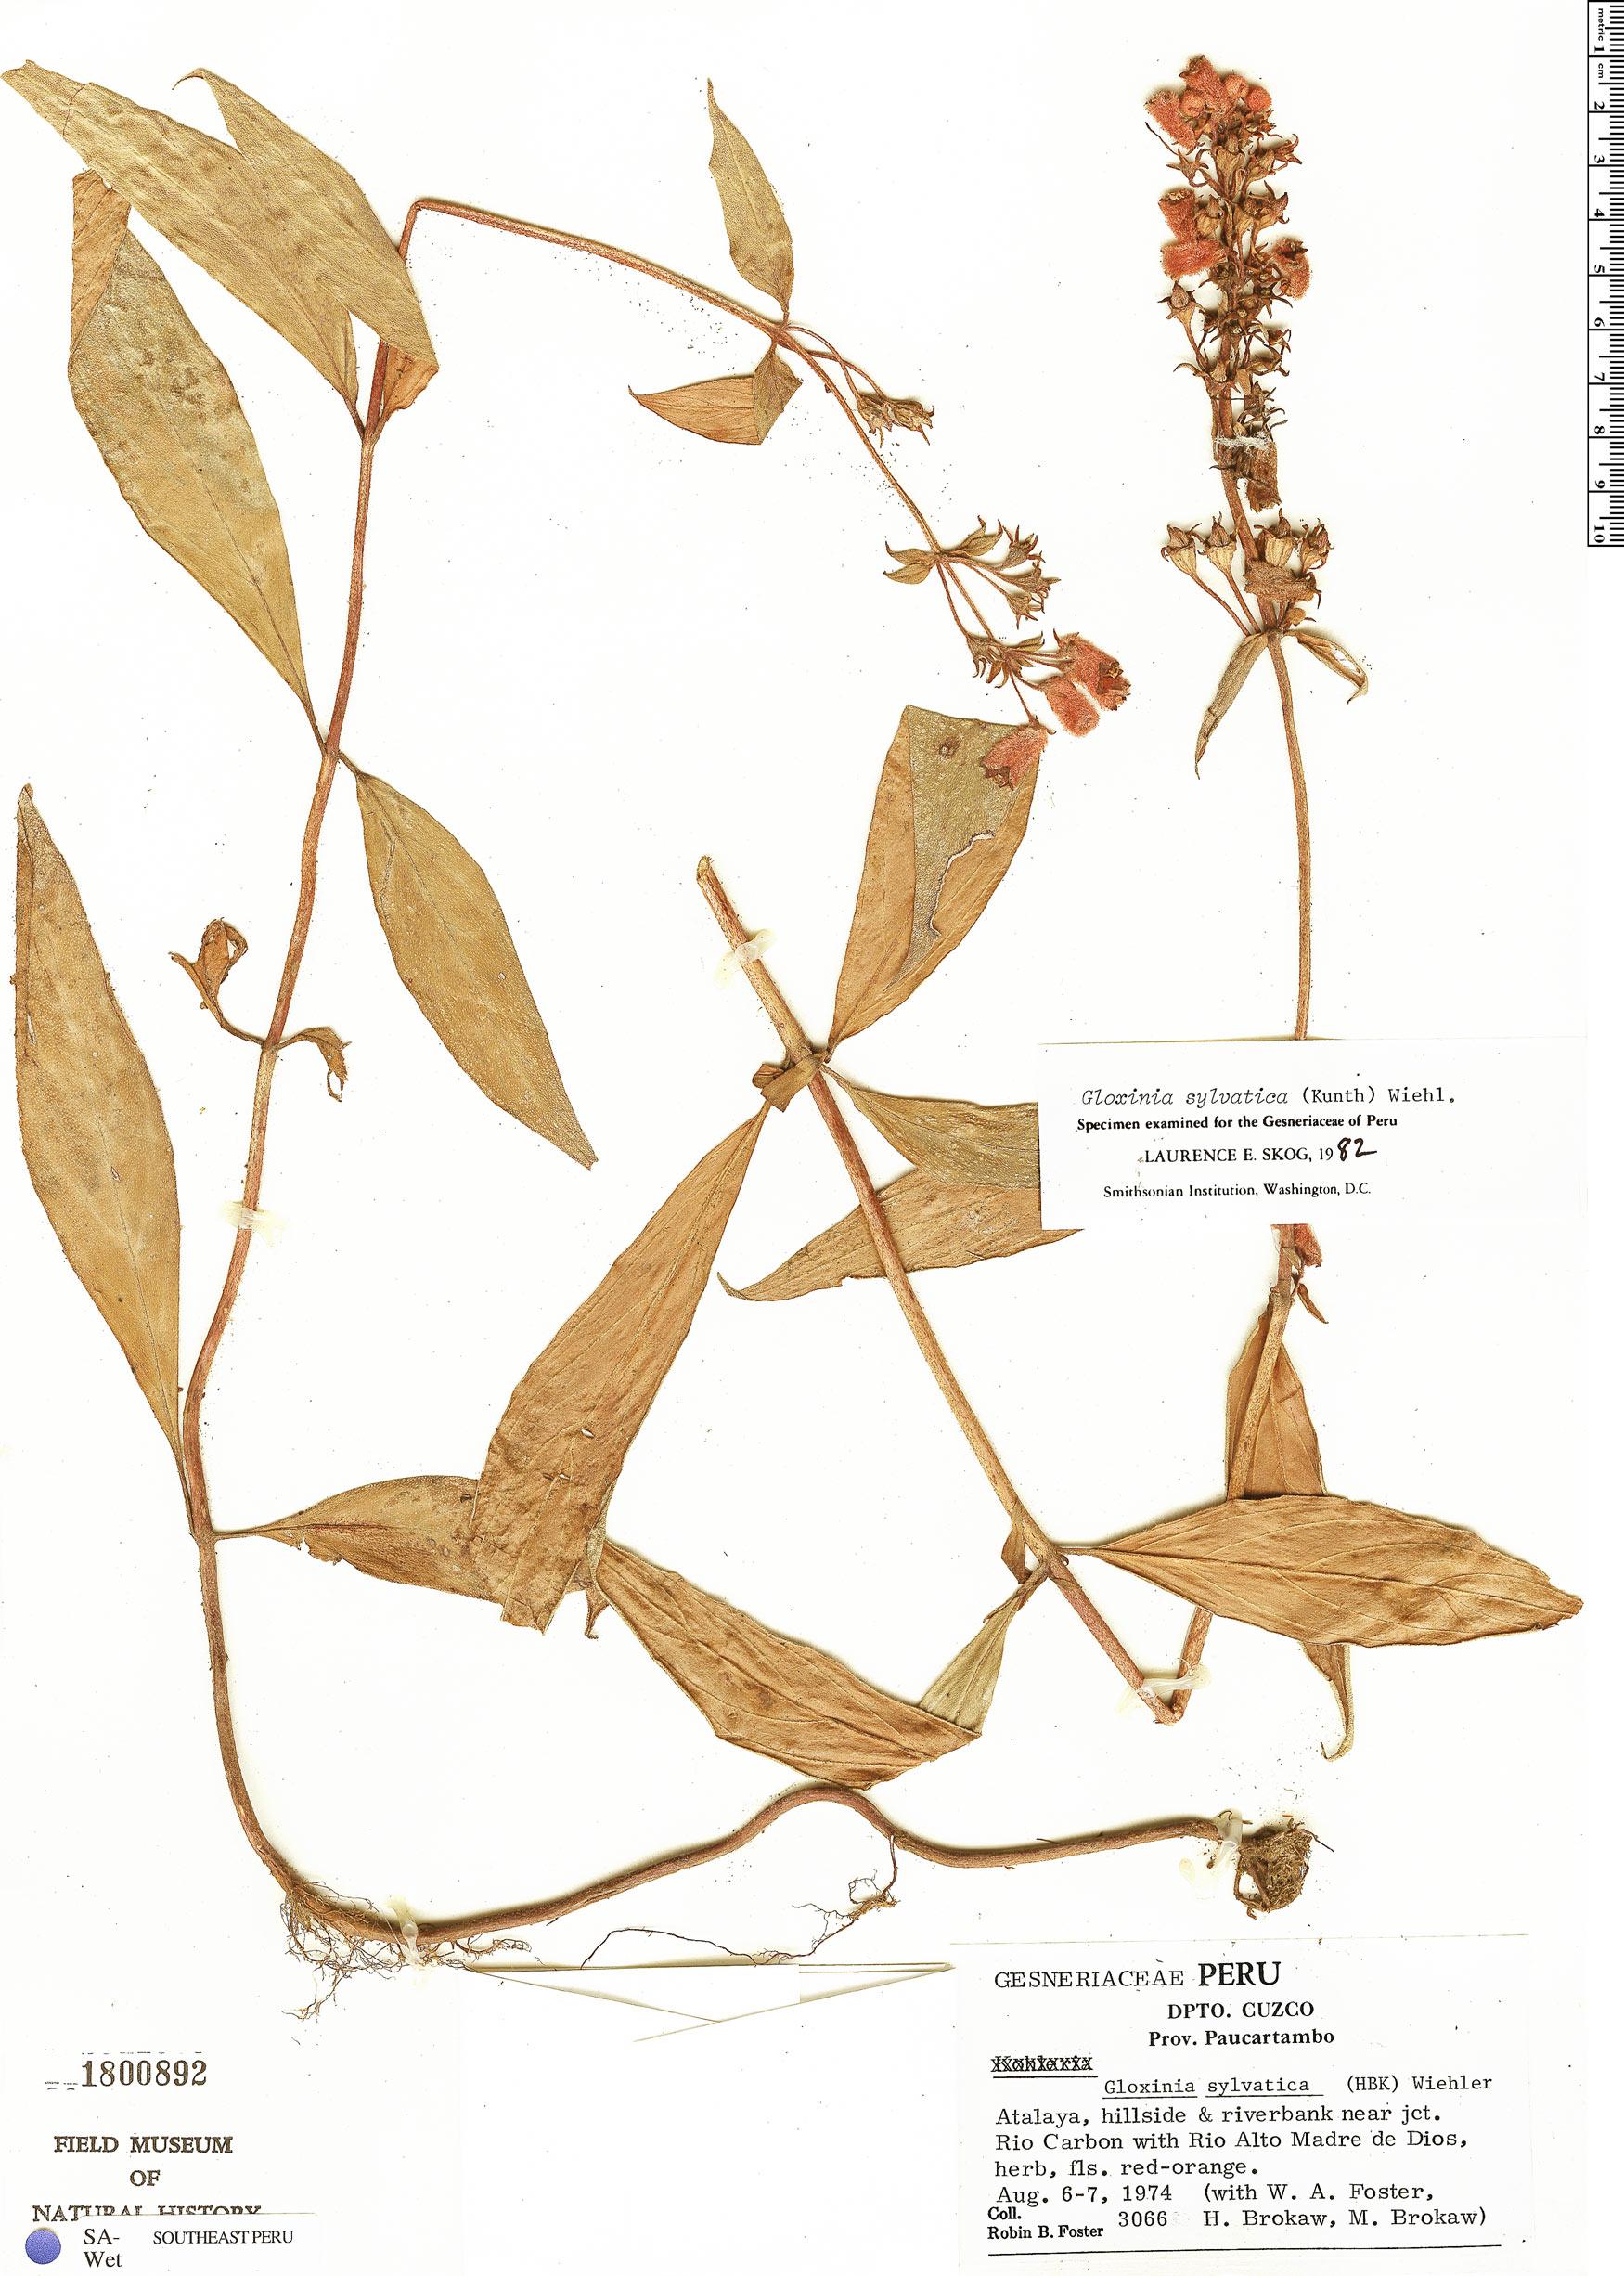 Specimen: Seemannia sylvatica